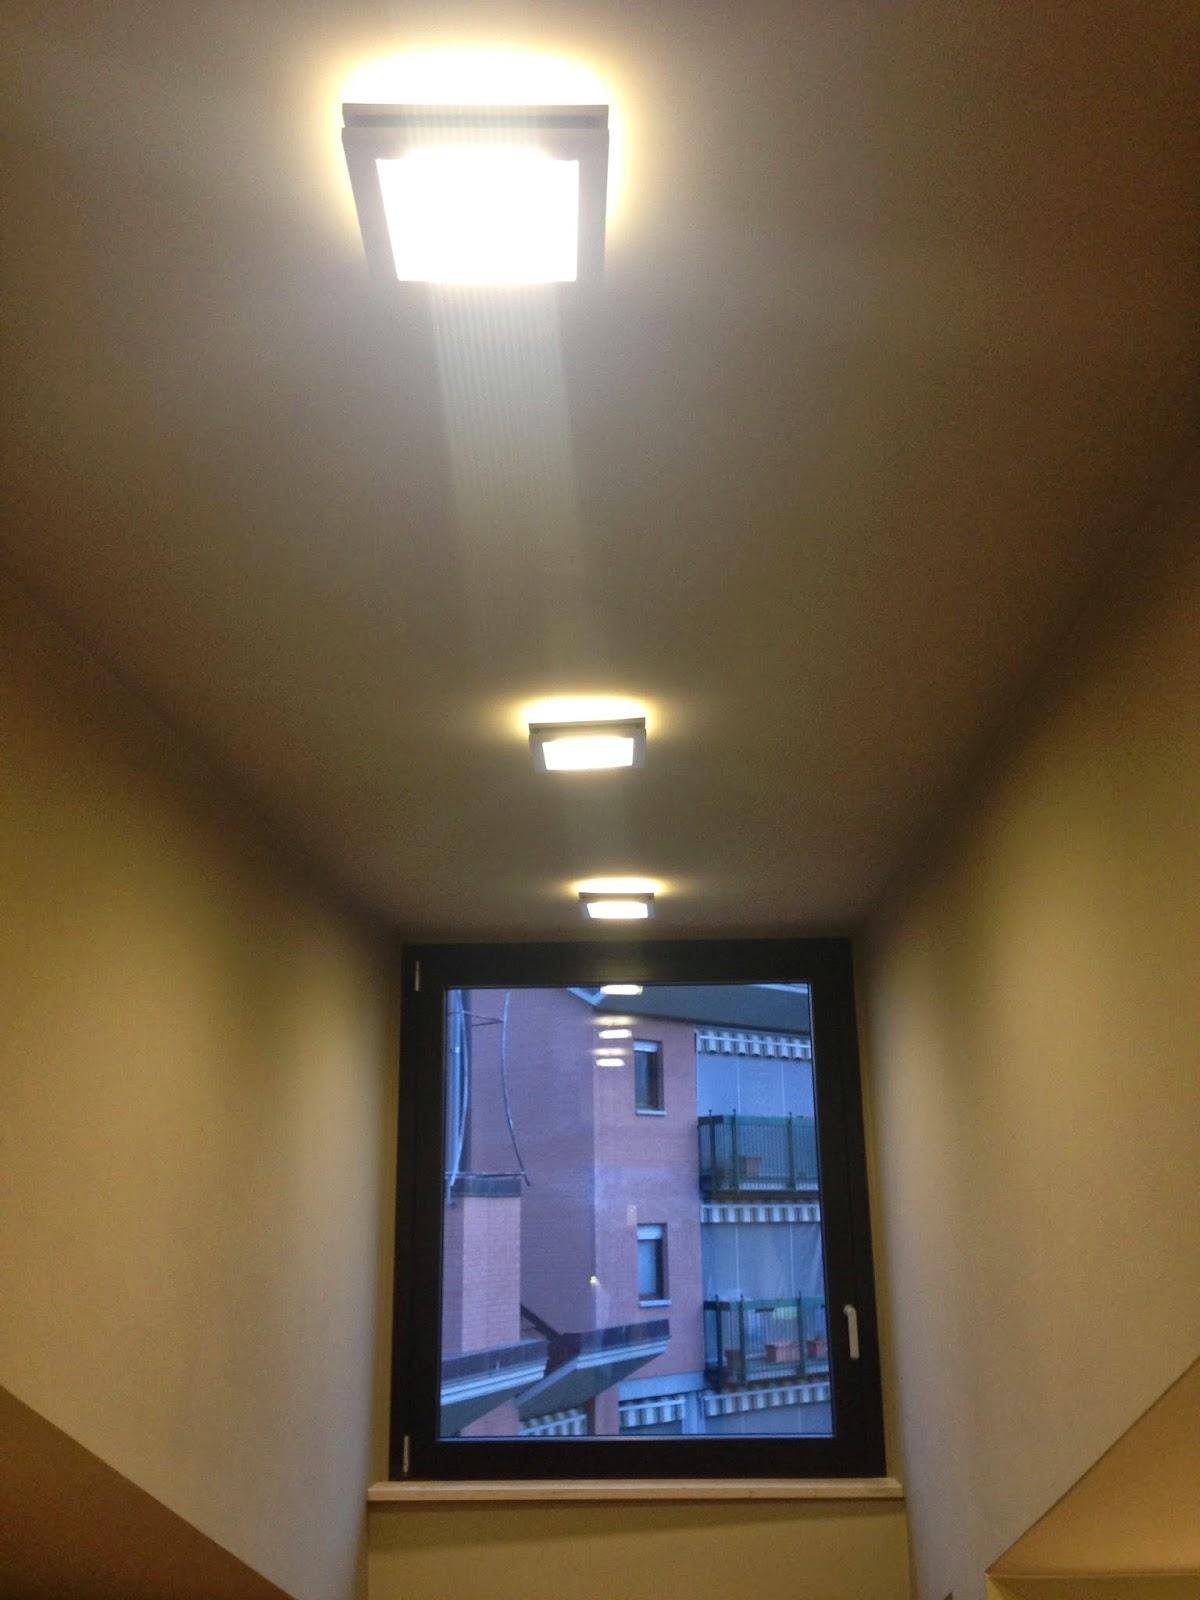 Illuminazione led casa illuminazione led casa lelide led torino presenta torino - Illuminazione led casa ...